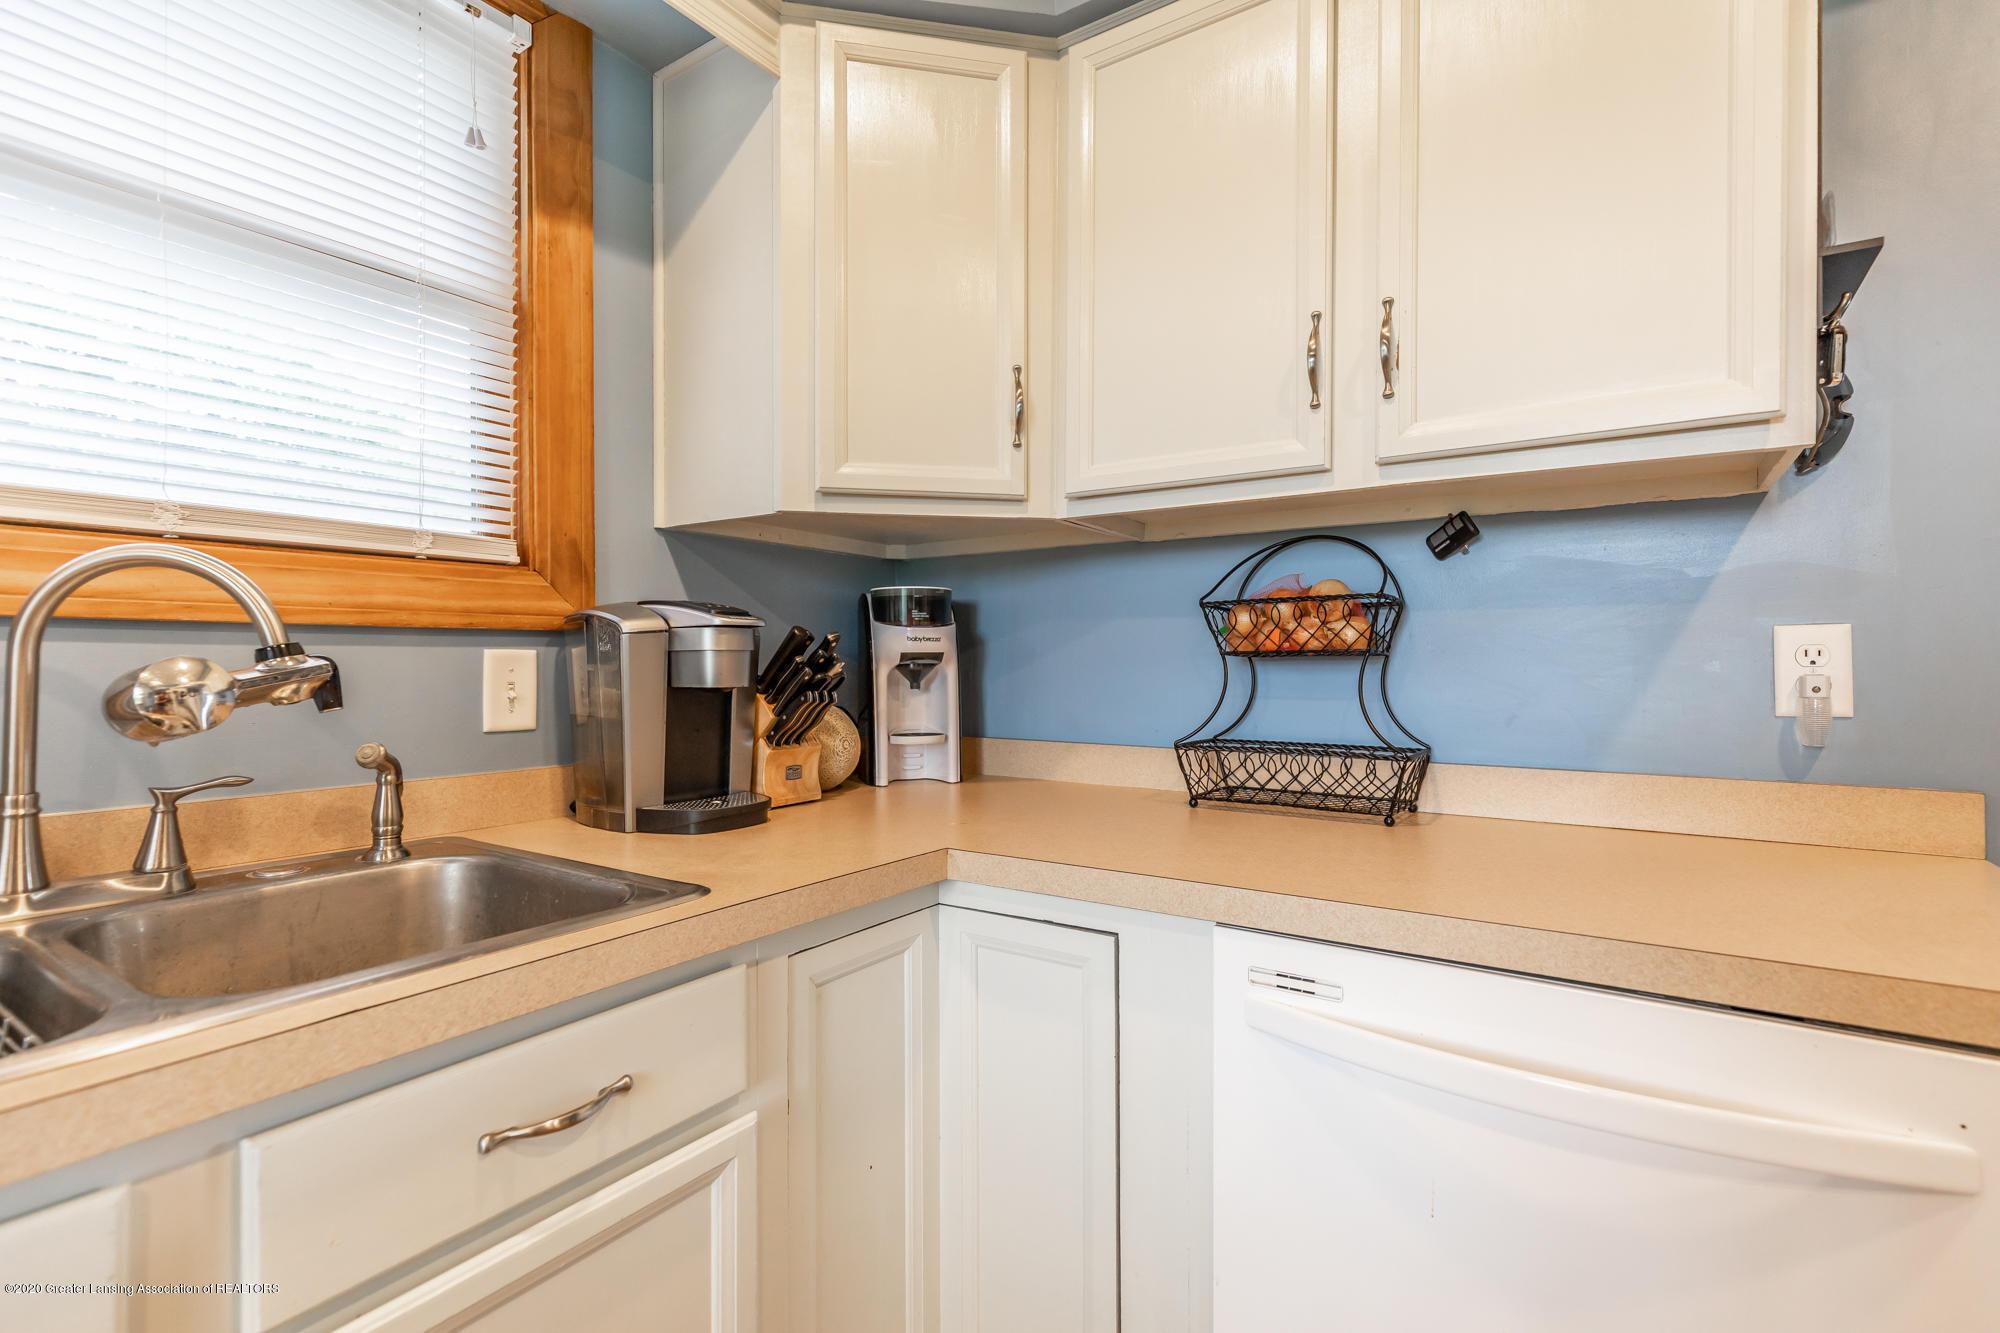 205 W Herbison Rd - Kitchen - 11